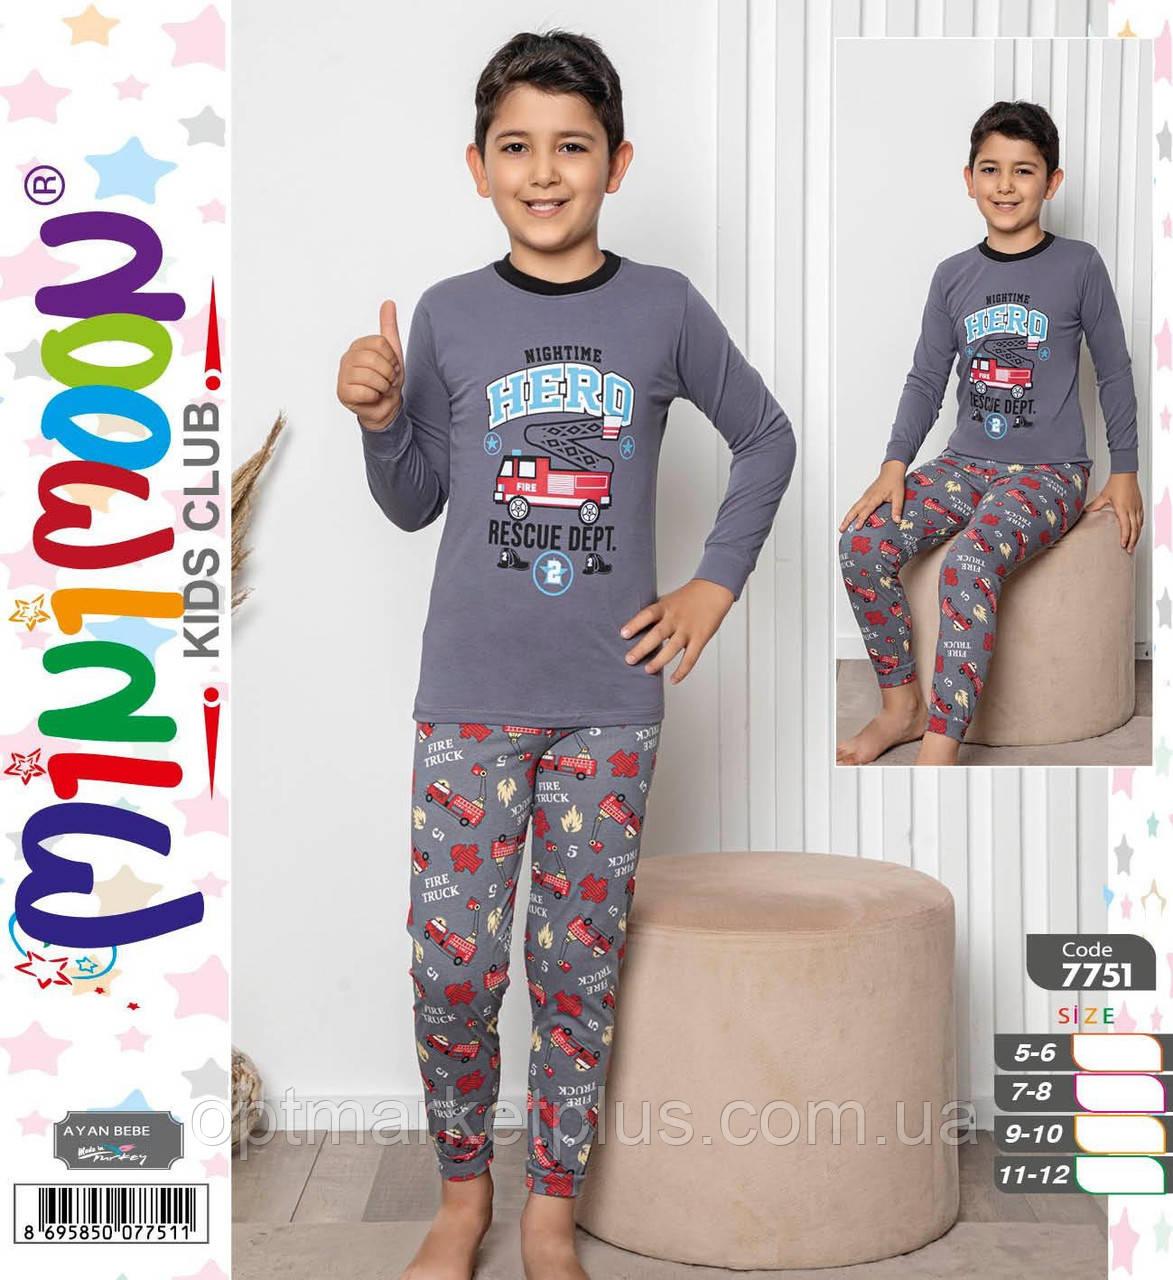 Піжама для хлопчиків, х/б (5-12 років) Туреччина купити оптом від складу 7 км Одеса